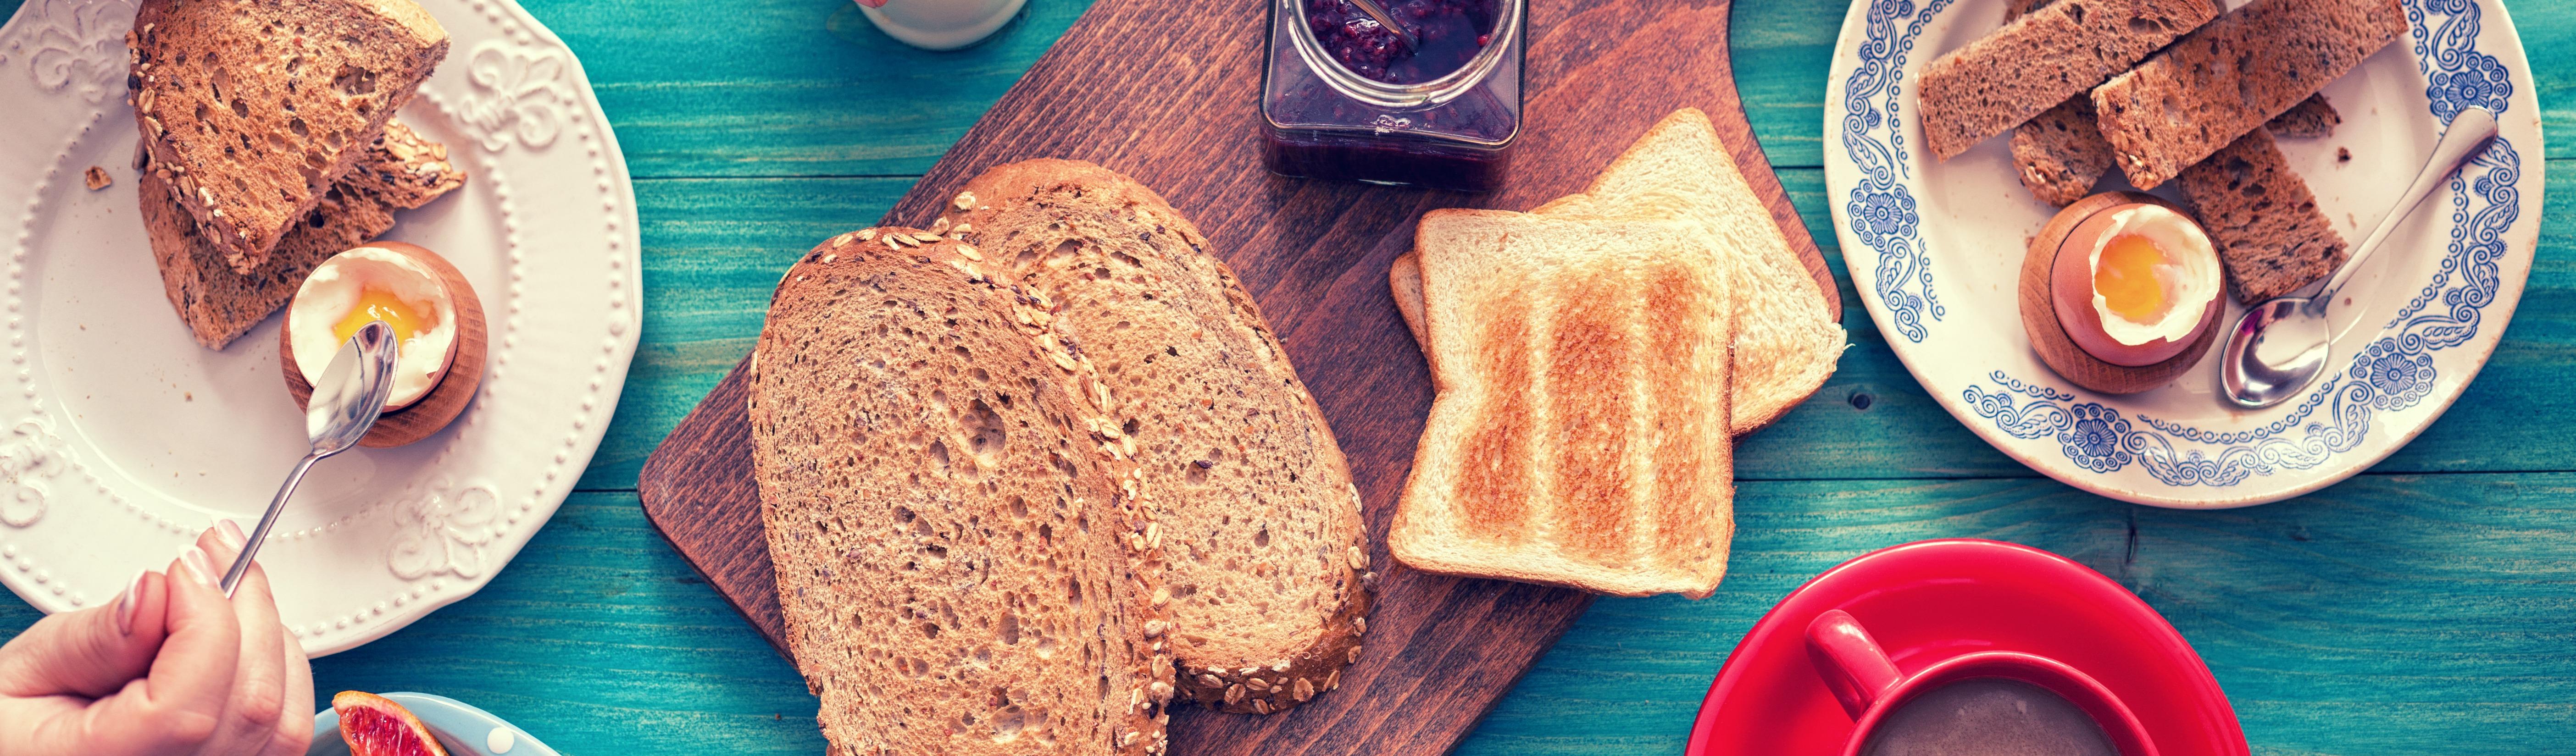 breakfast ideas for back to school